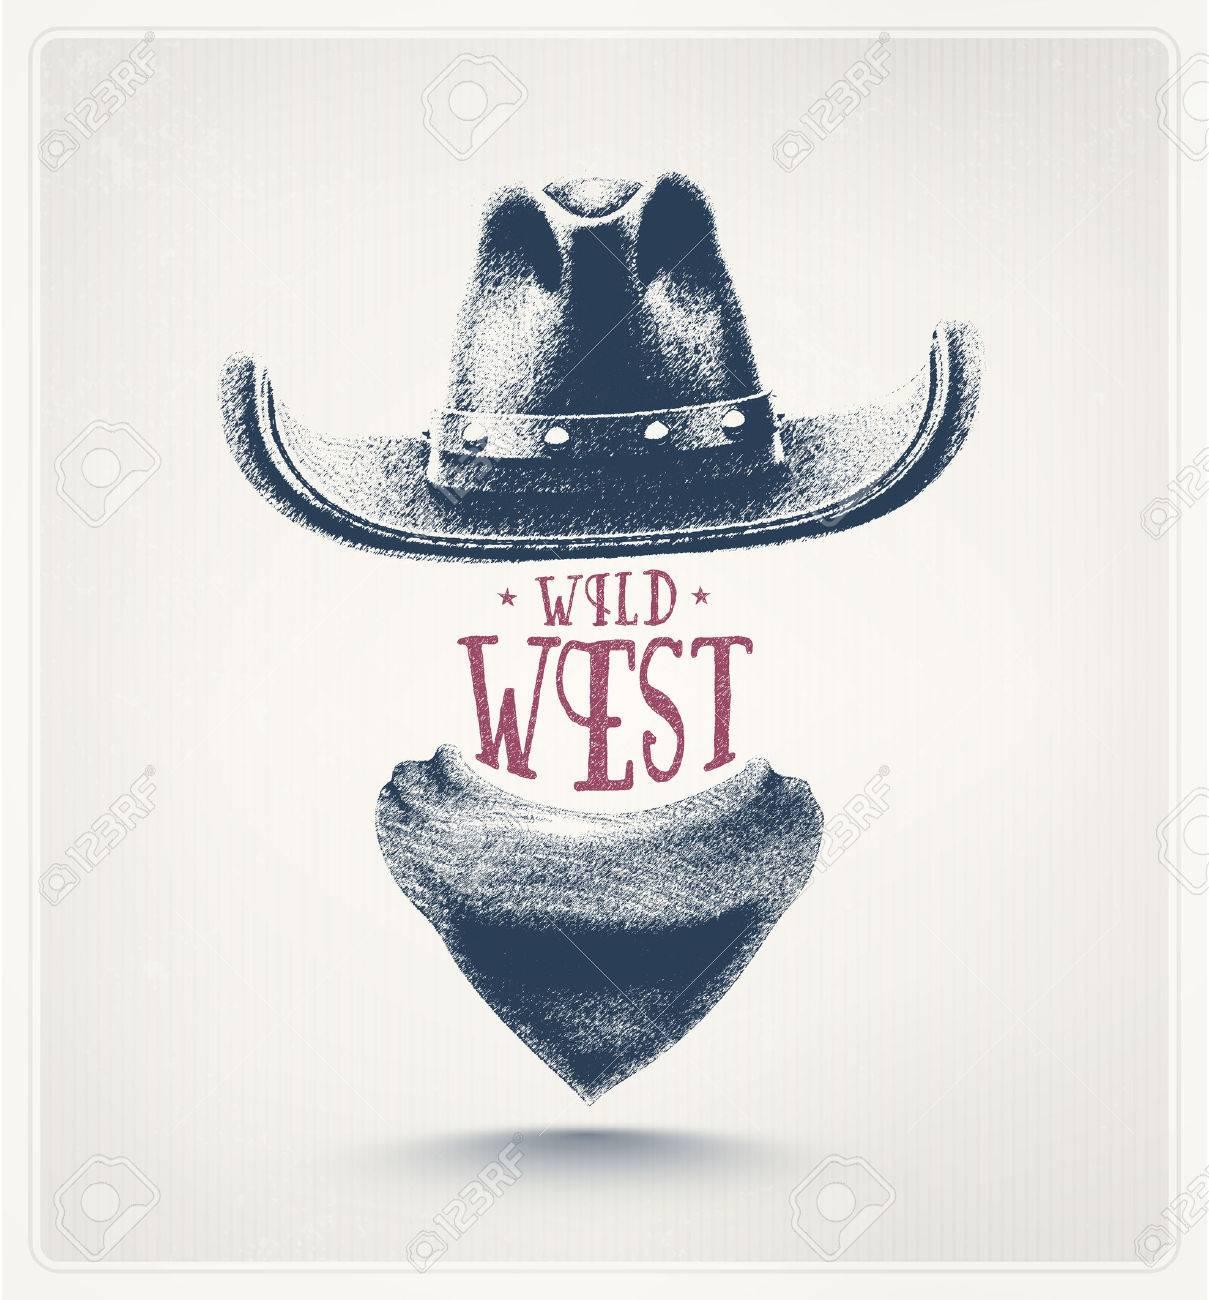 Cowboy hat and scarf, wild west Standard-Bild - 40880641